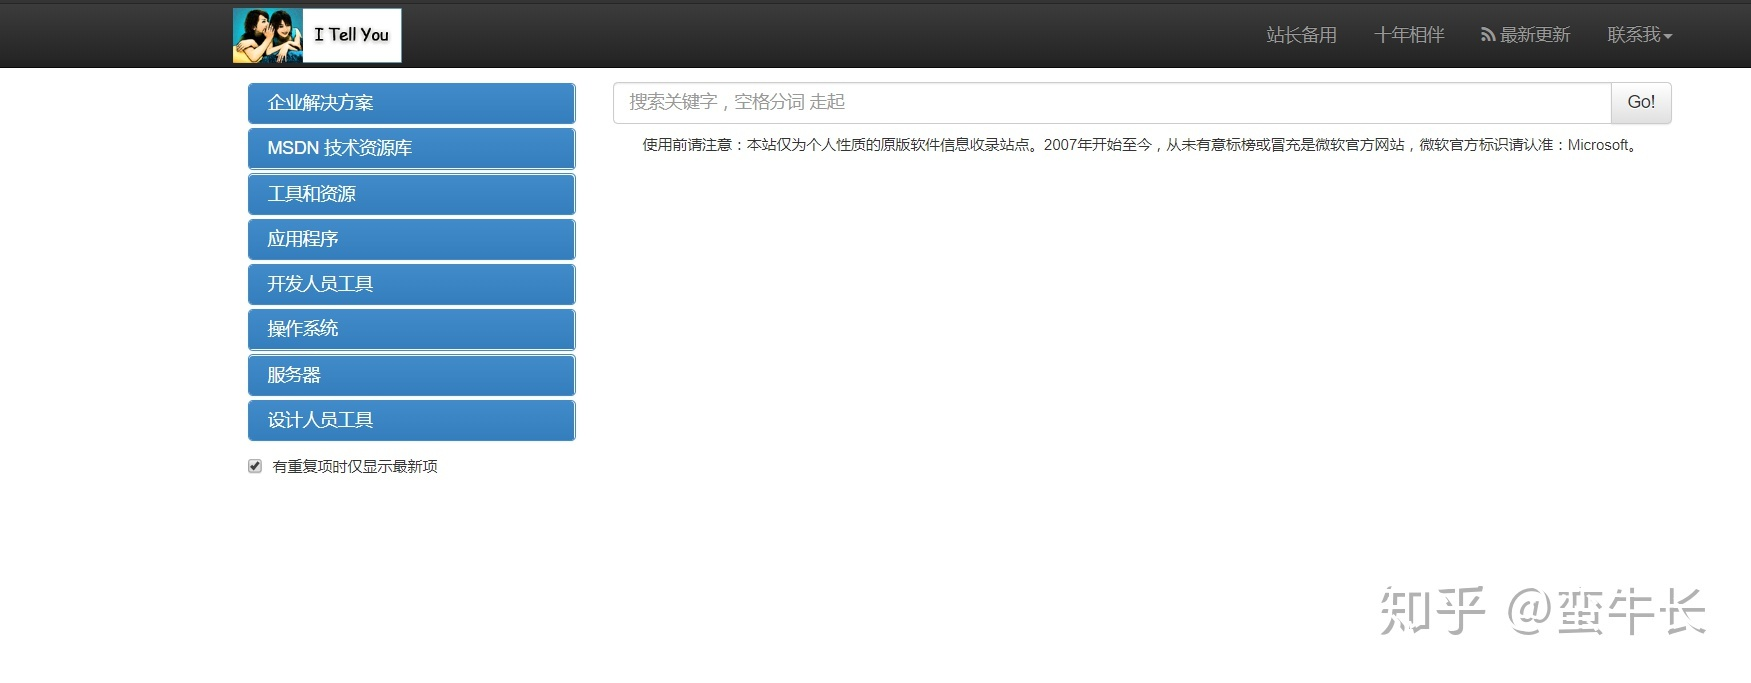 msdn我告诉你_超级推荐--微PE工具箱和MSDN - 知乎